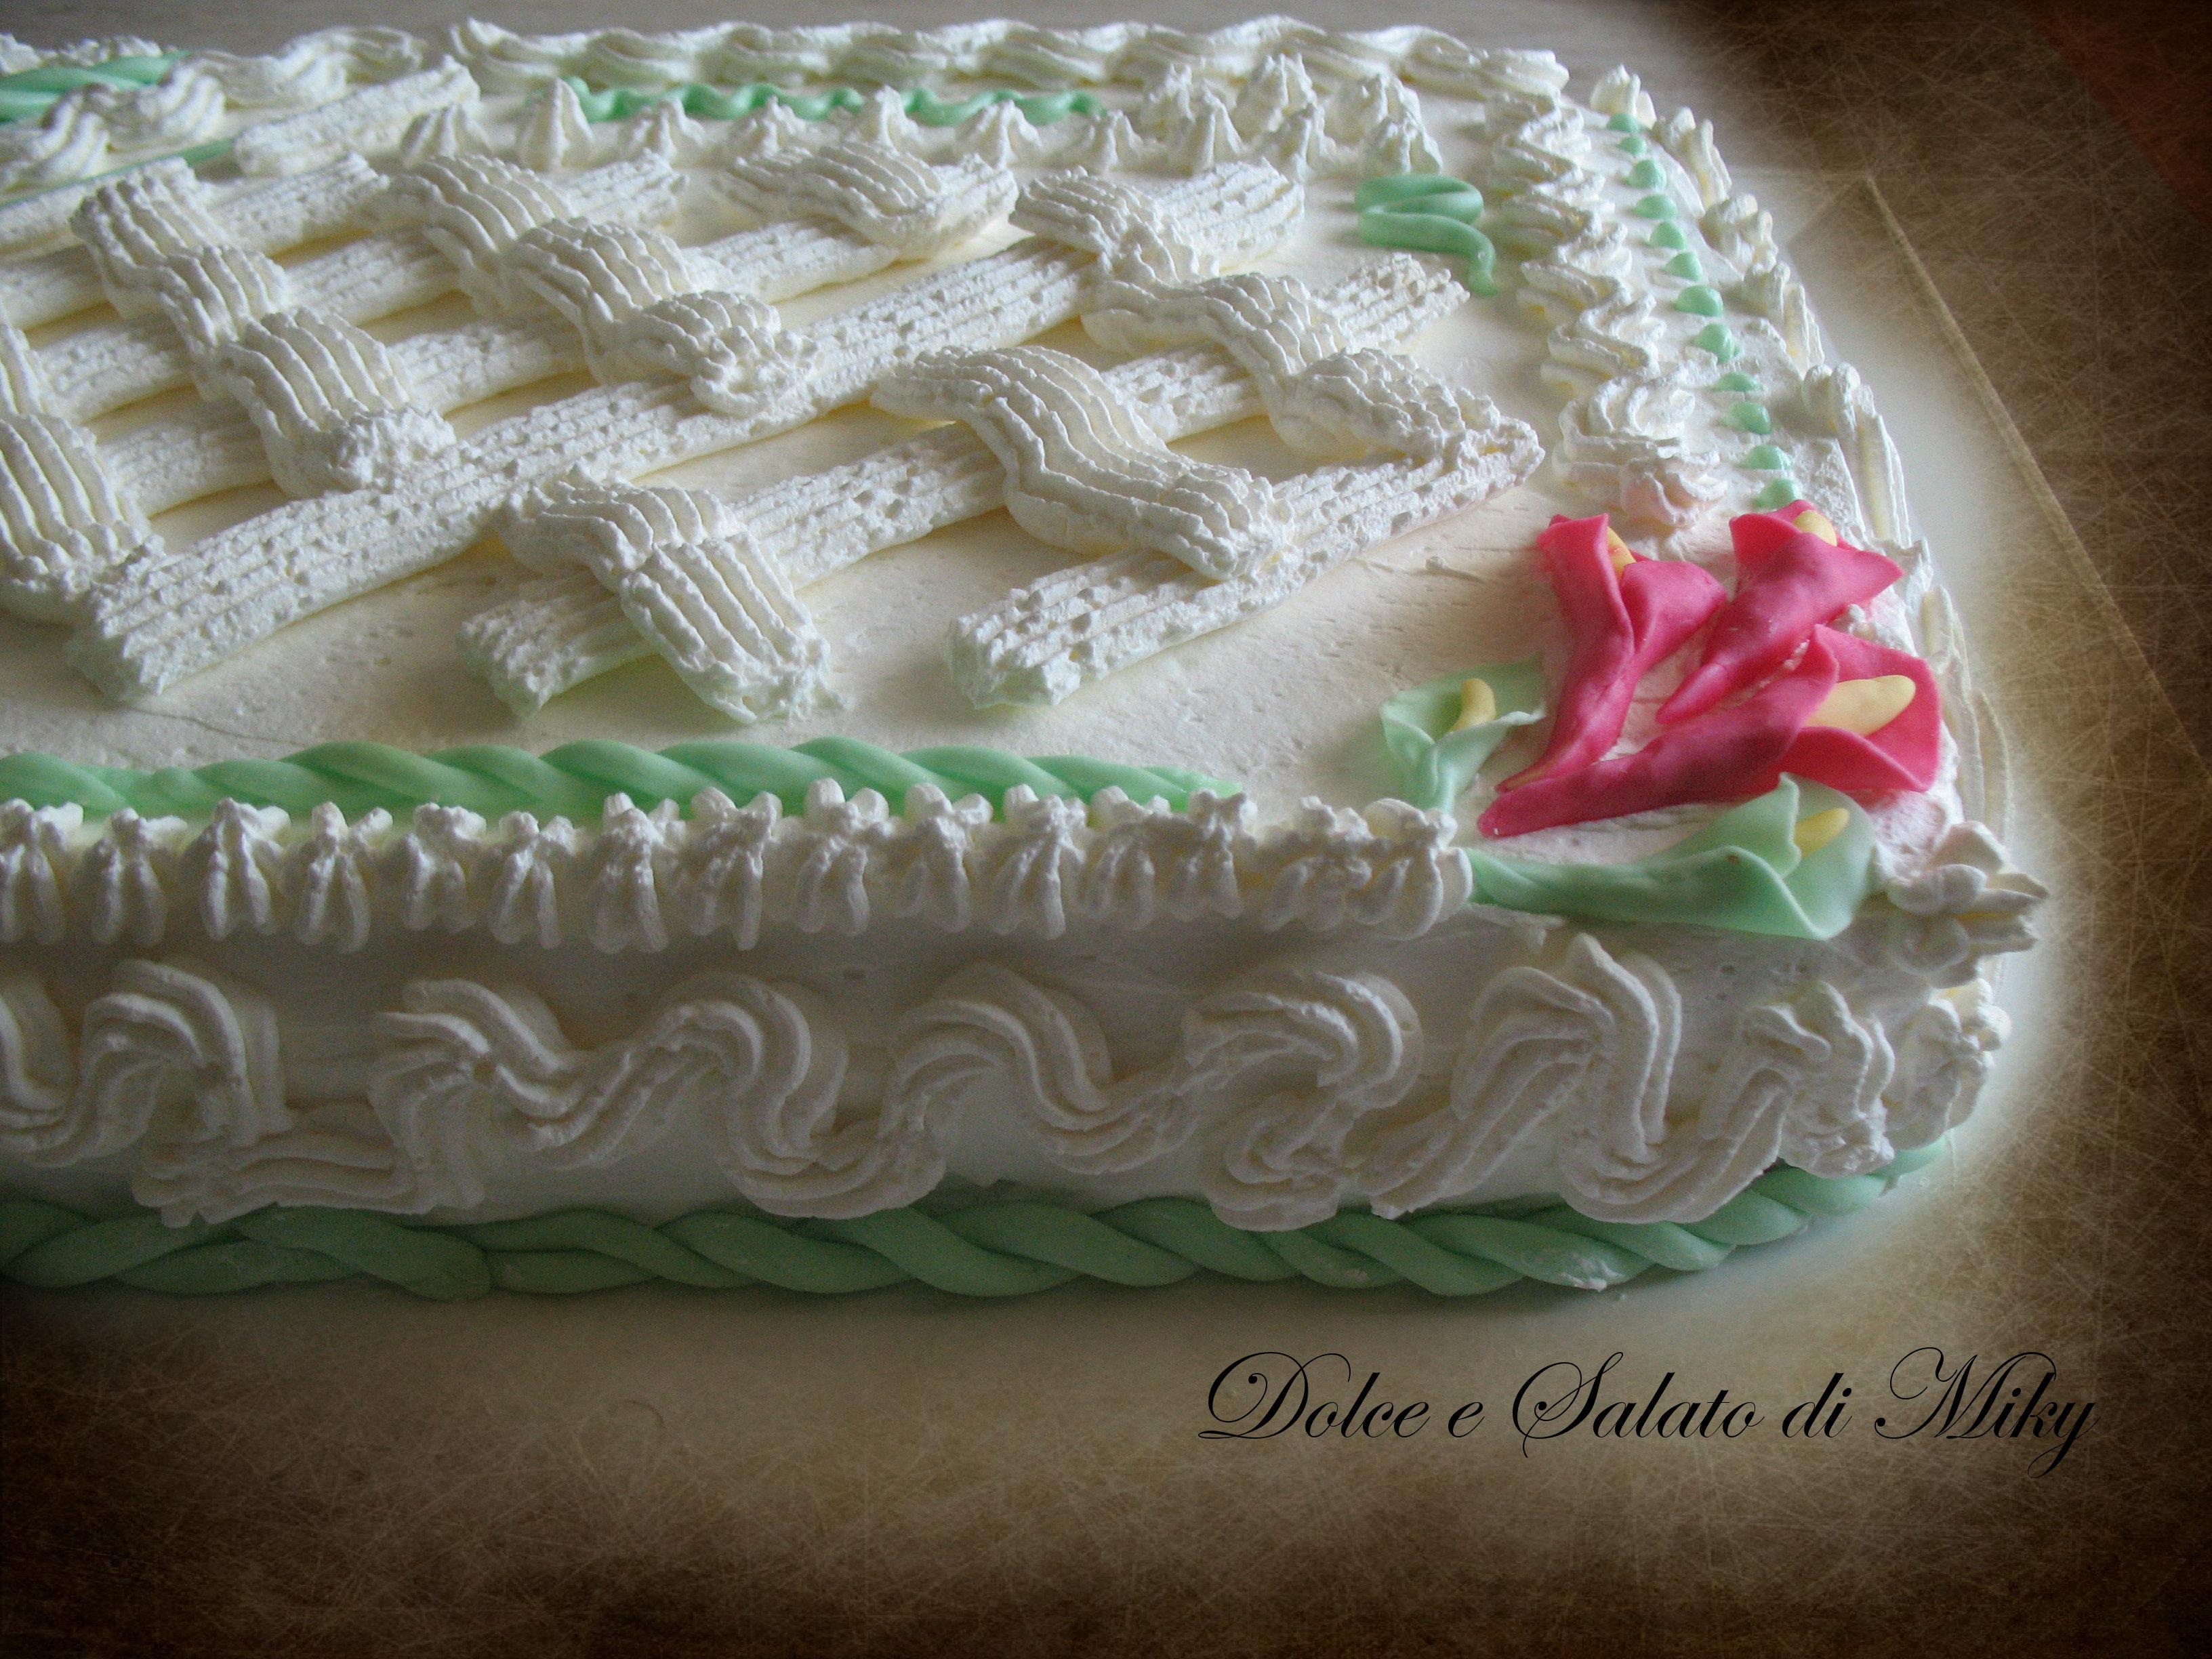 Torta con crema ai frutti di bosco e panna for Decorazioni di torte con panna montata